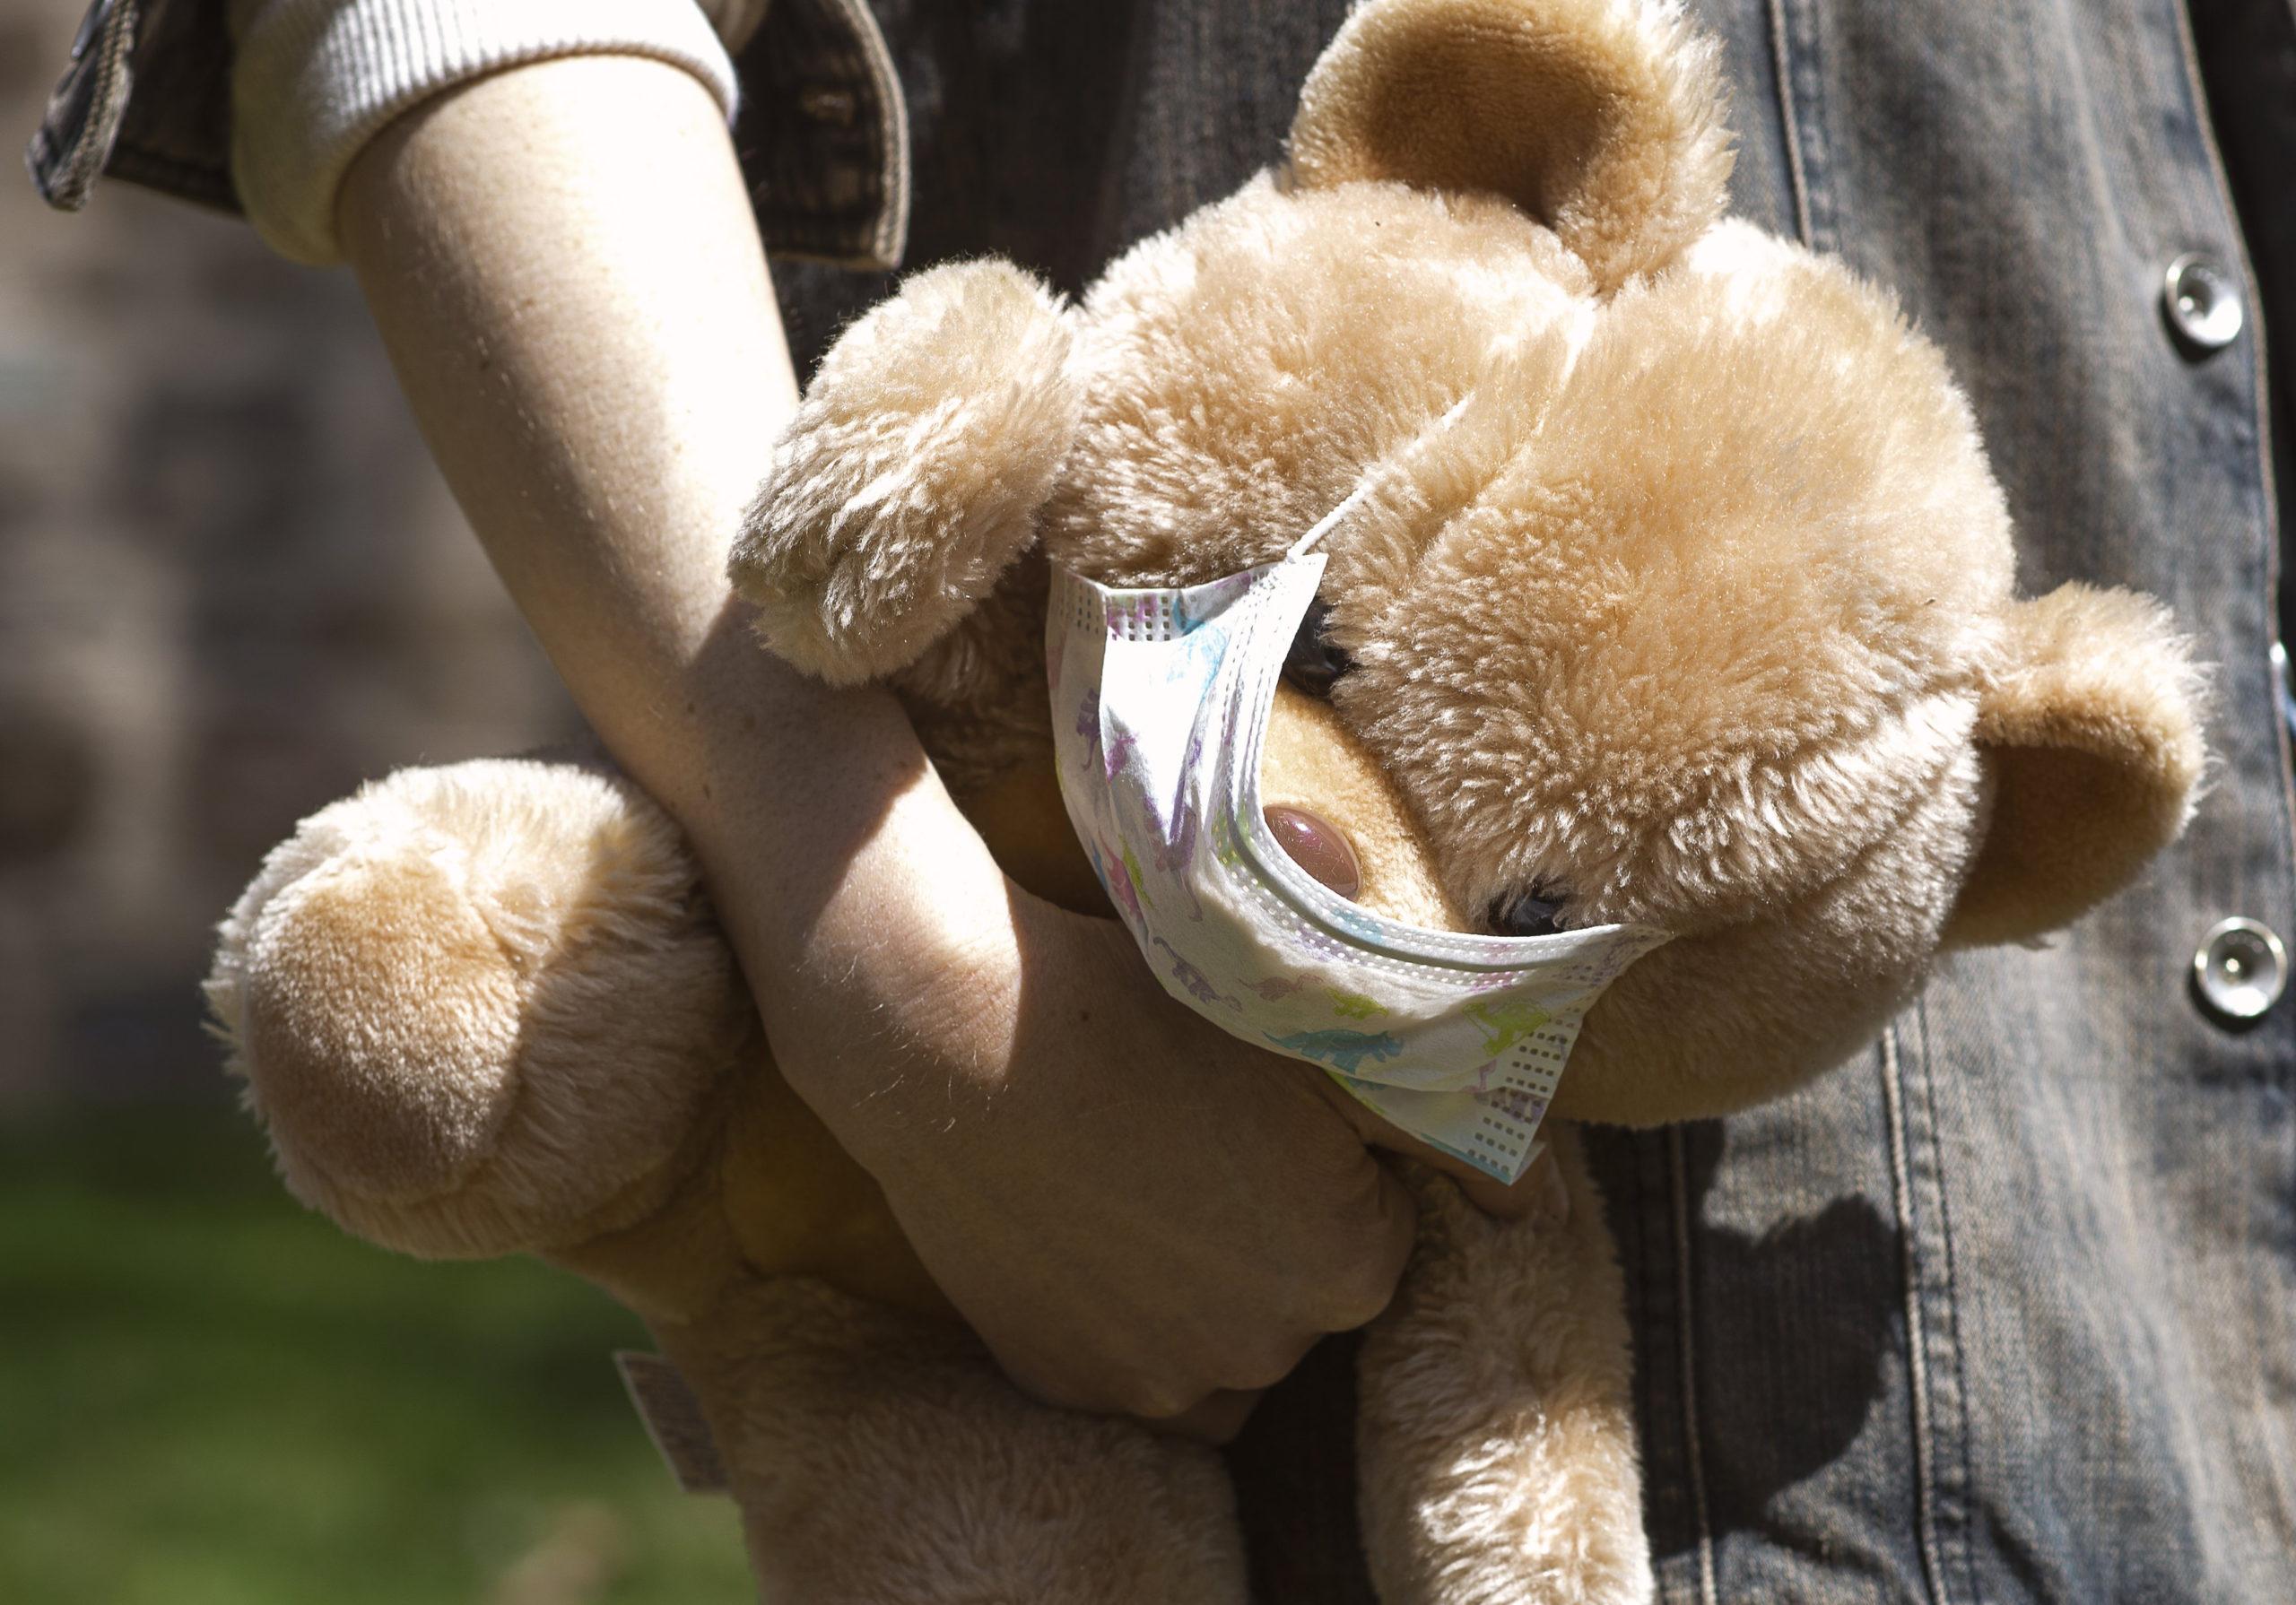 tan-teddy-bear-with-face-mask